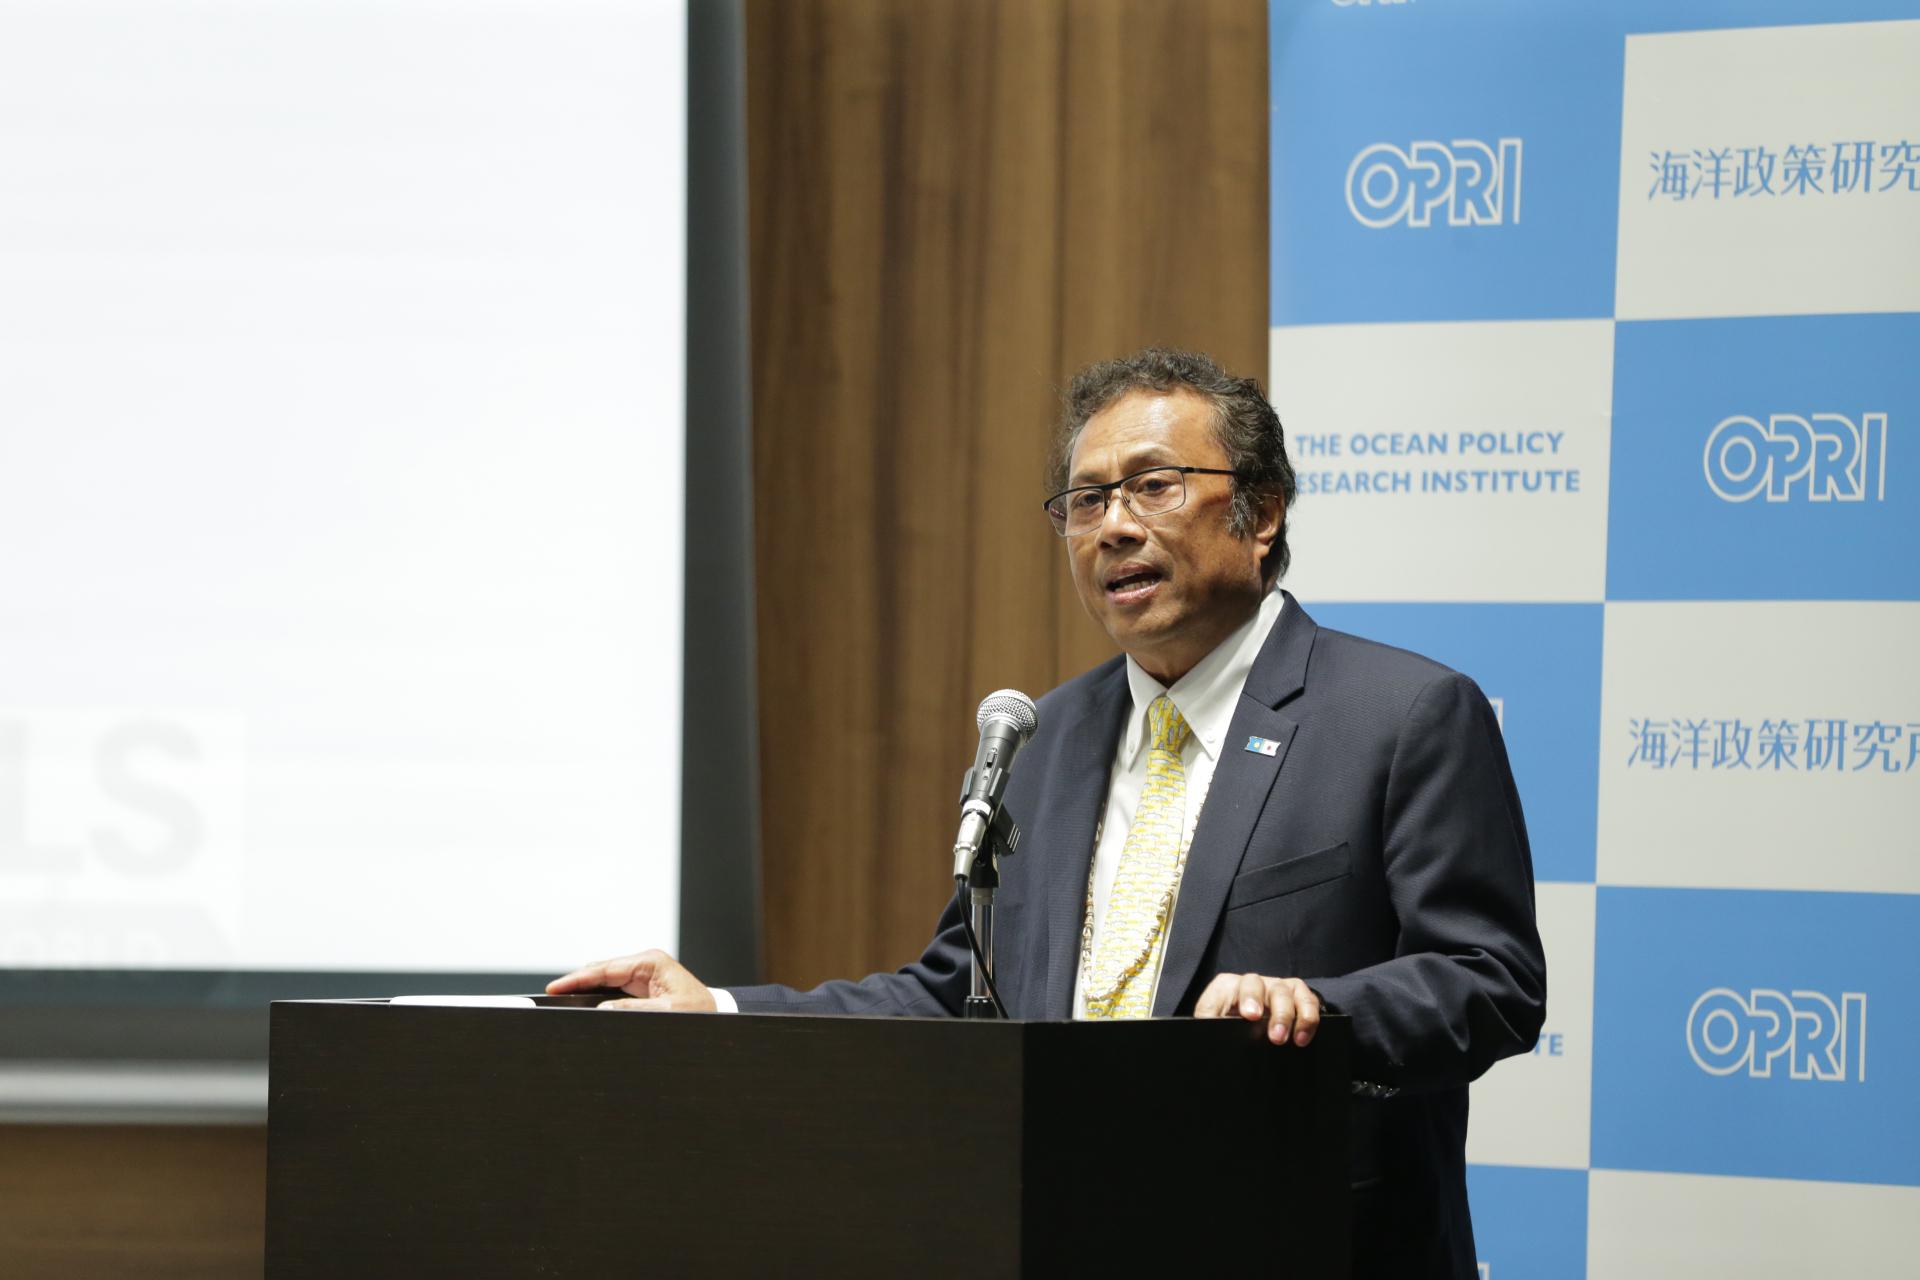 日・パラオ国交樹立25周年記念国際シンポジウム「持続可能な海洋の実現に向けて―パラオの取り組みと国際連携―」